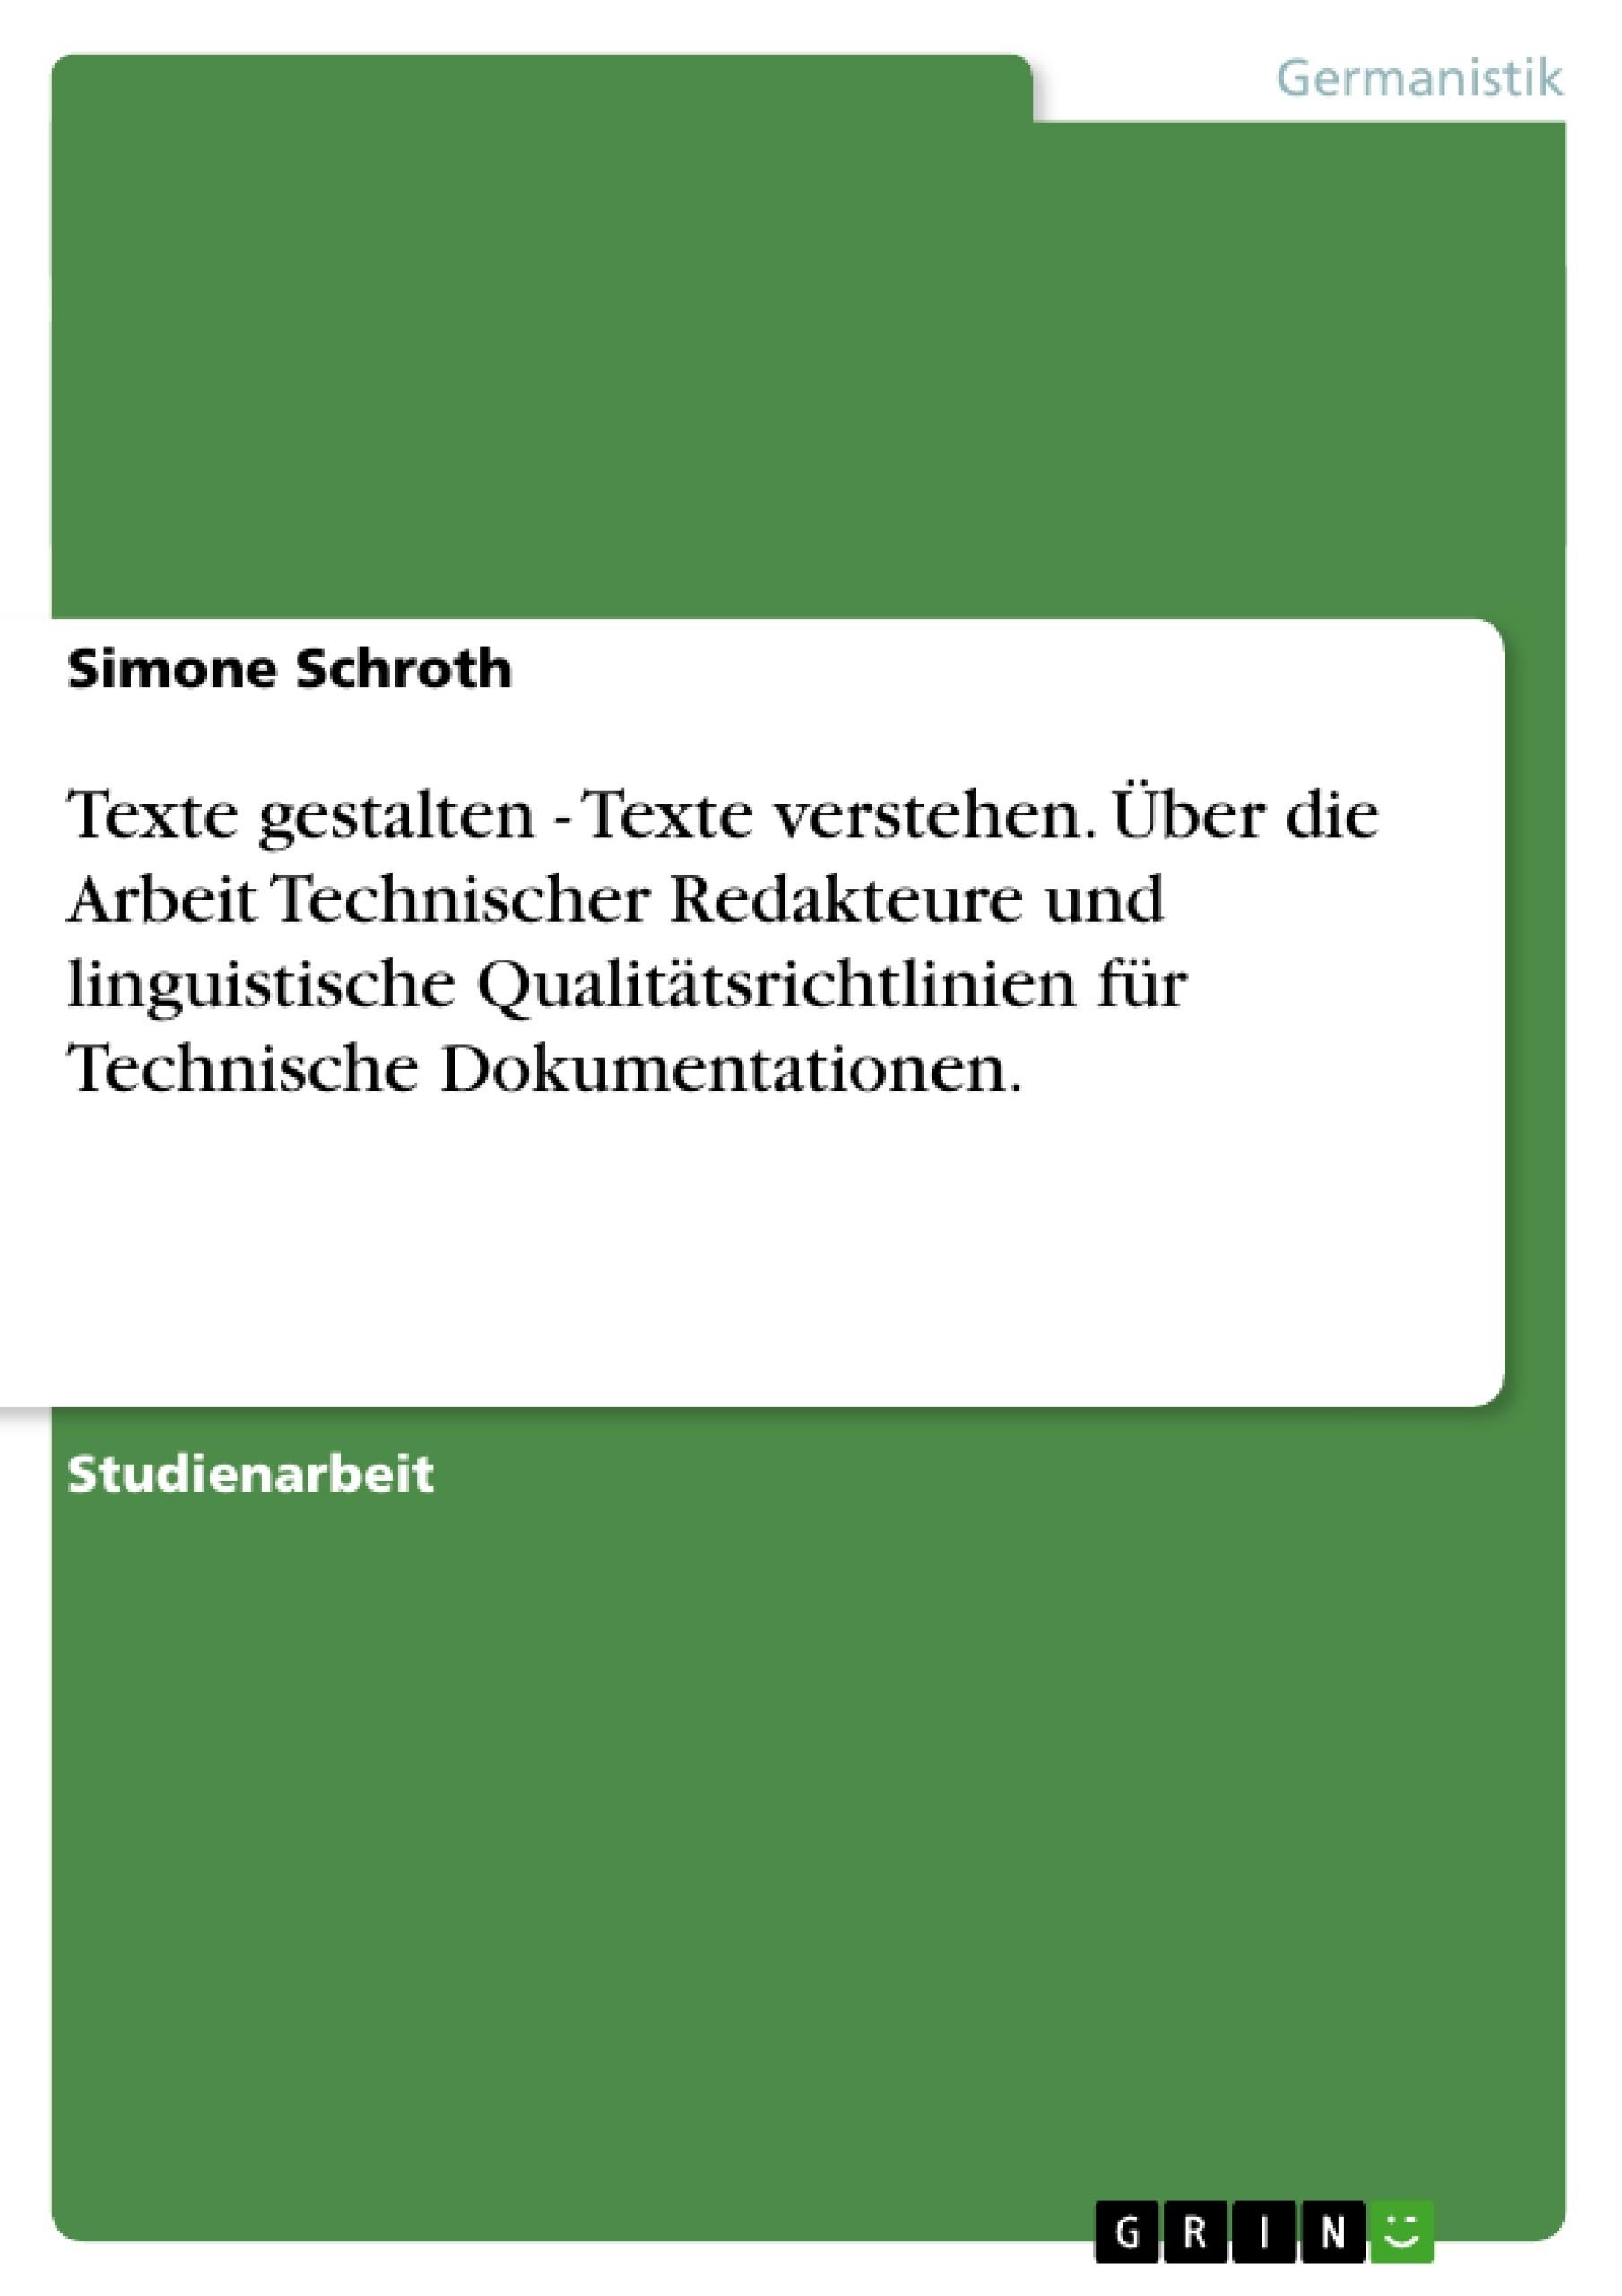 Titel: Texte gestalten - Texte verstehen. Über die Arbeit Technischer Redakteure und linguistische Qualitätsrichtlinien für Technische Dokumentationen.